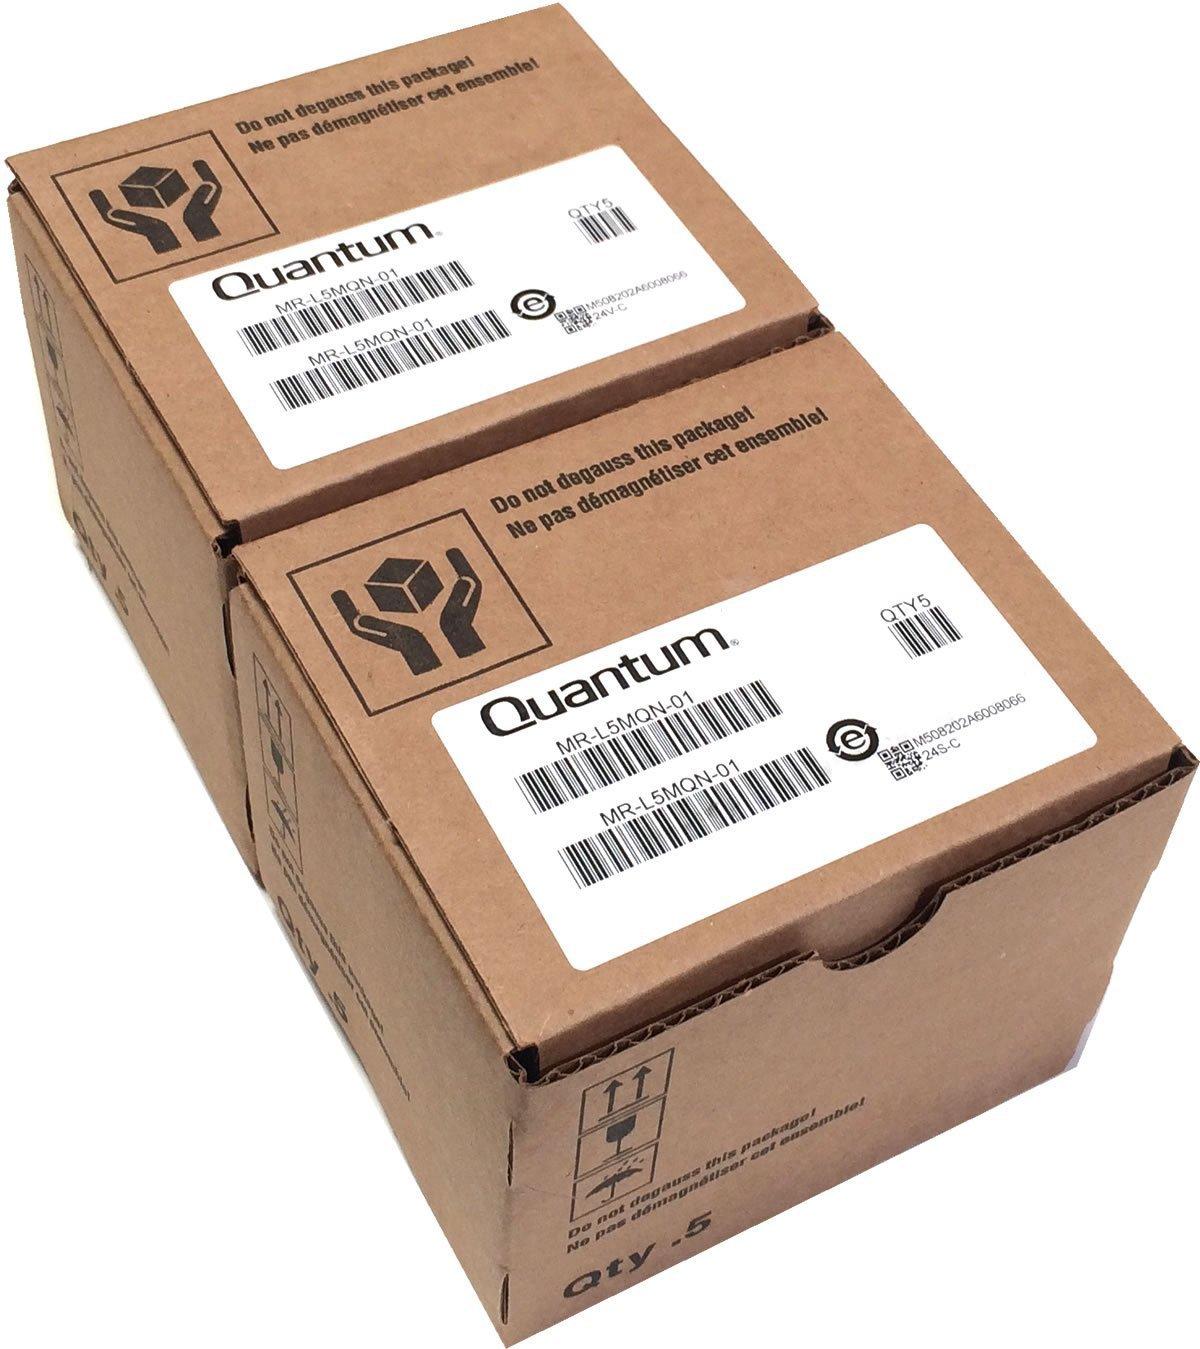 10 Pack Quantum MR-L5MQN-01 LTO 5 Ultrium-5 Data Tape Cartridge (1.5/3.0TB) MR-L5MQN-01-10 Pack